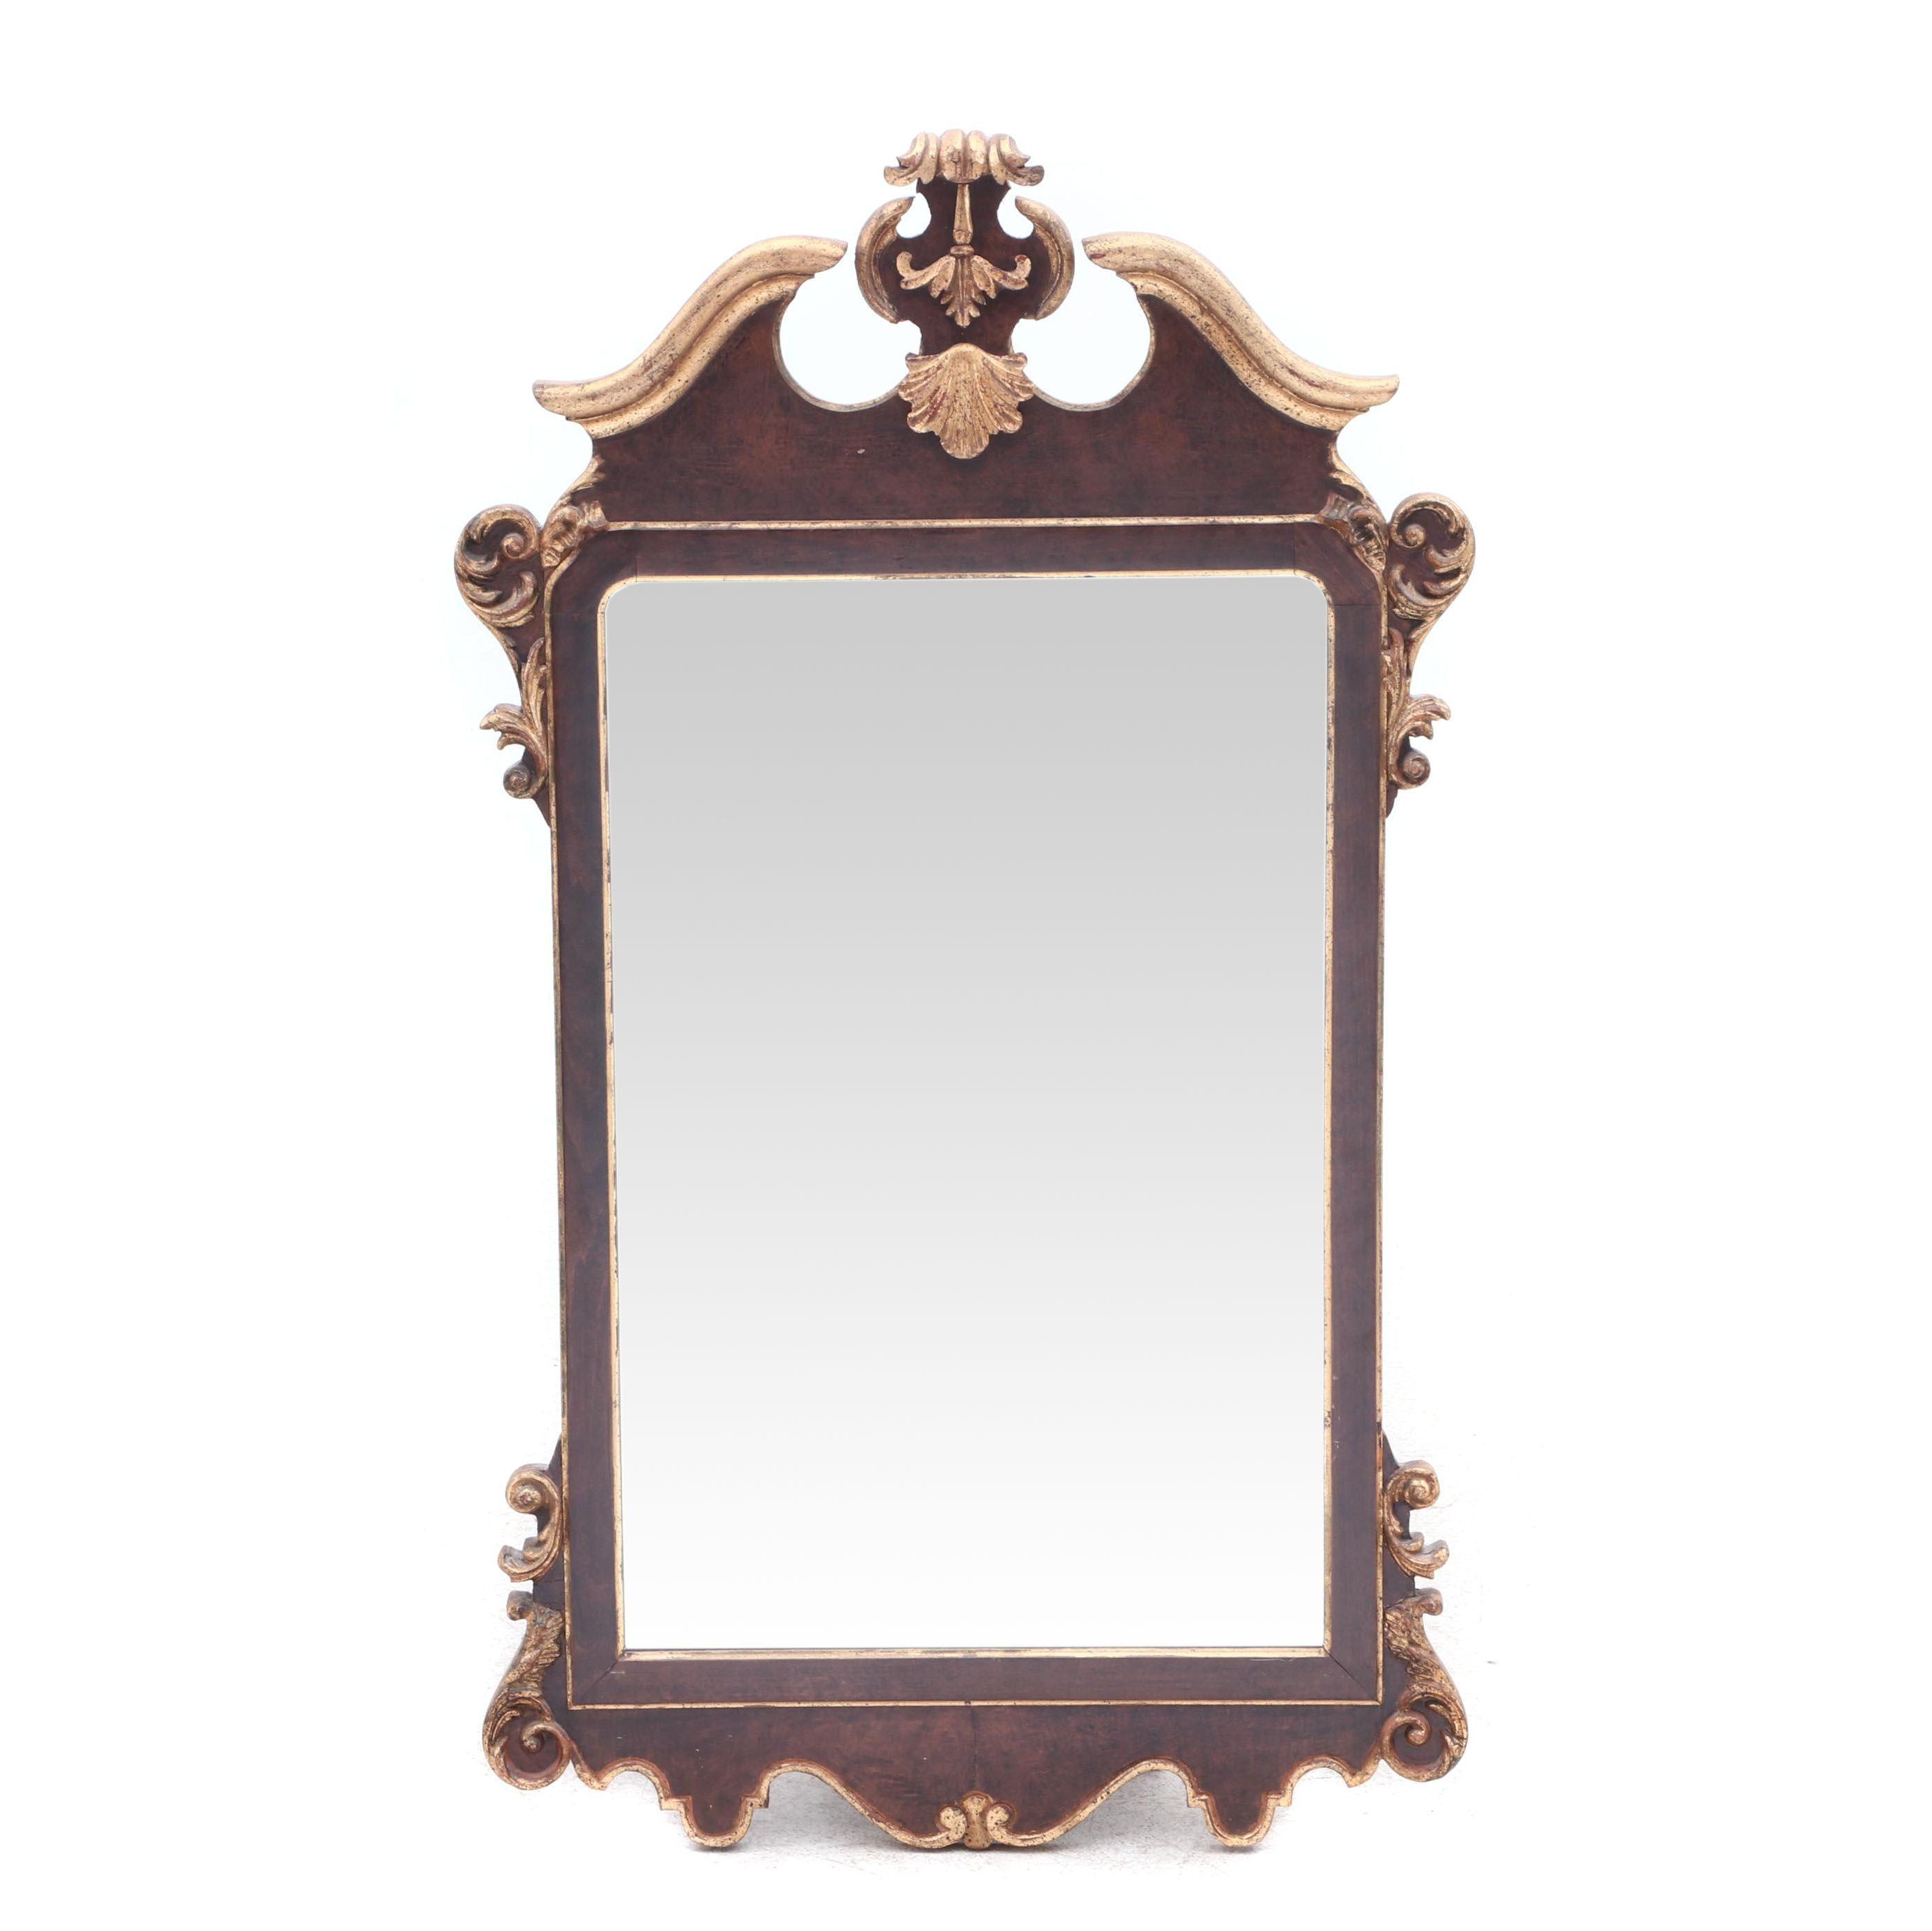 Italian Federal Style Giltwood Wall Mirror